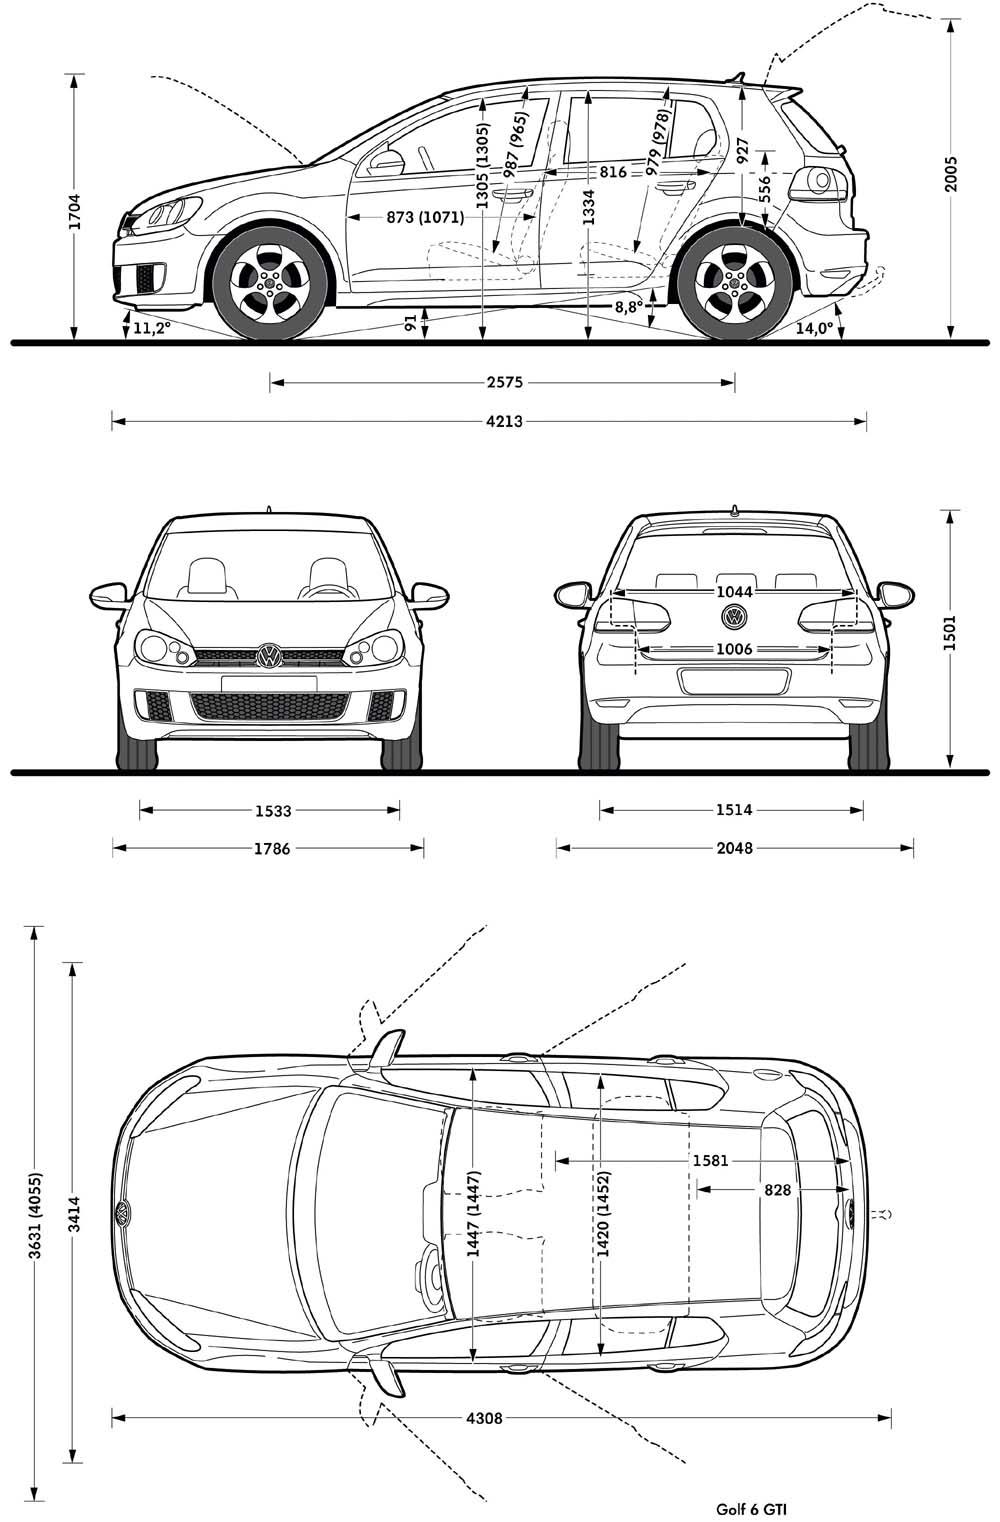 2002 Vw Jetta Engine Diagram besides Volkswagen Golf Gti 5 Door 2009 in addition Mk1 Golf Wiring Diagram furthermore Watch together with Volkswagen Logo Bleeding 41426891. on volkswagen gti